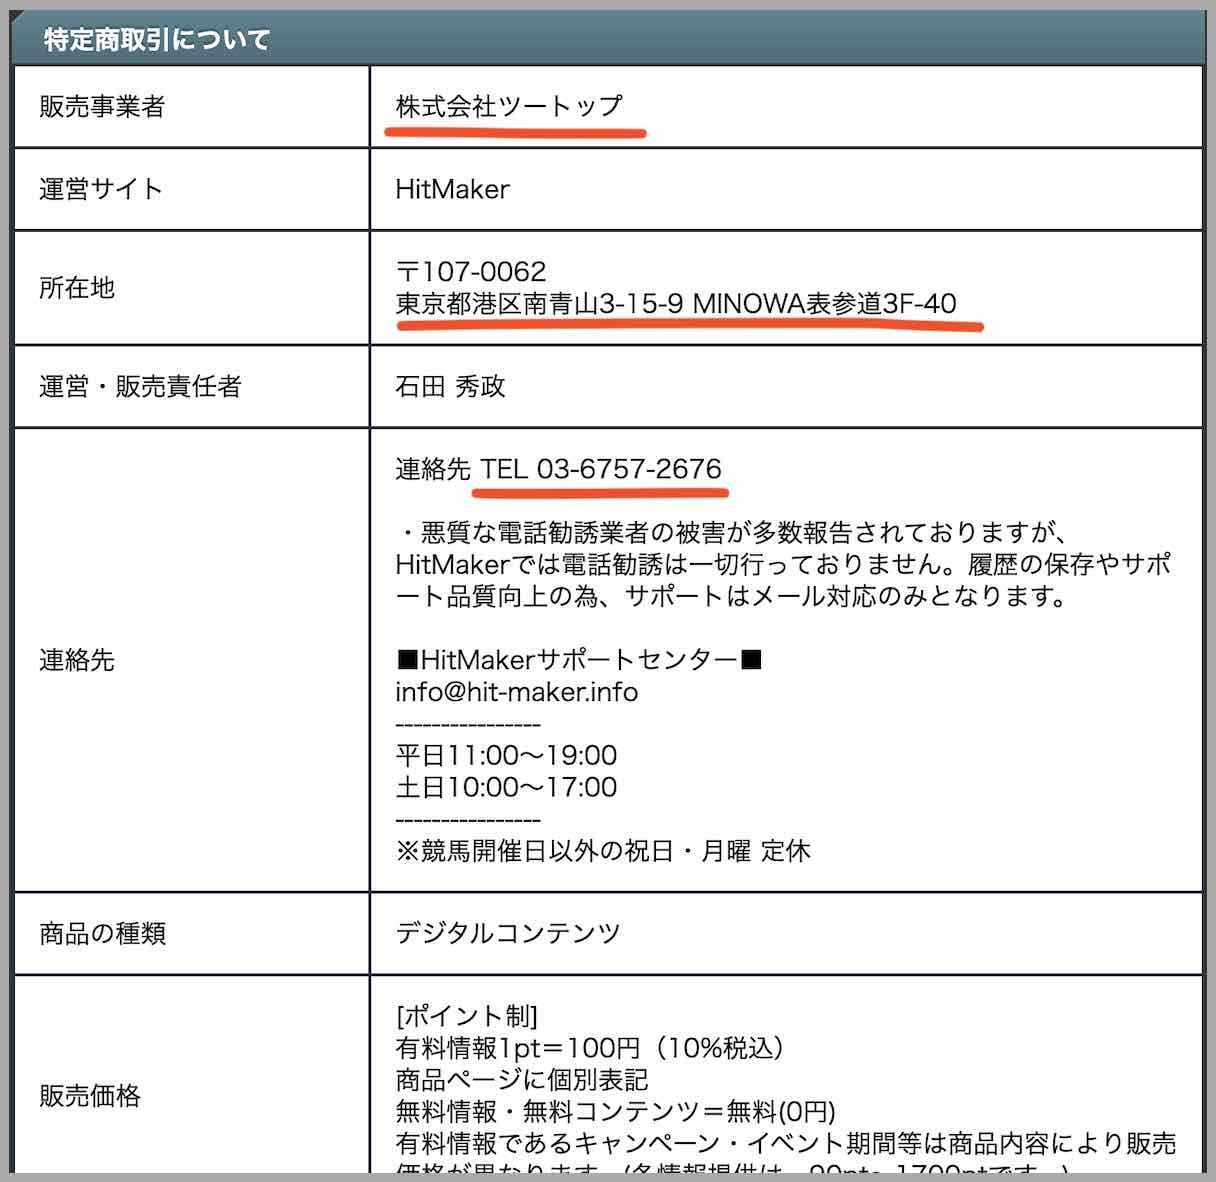 ヒットメーカー(HitMaker)という競馬予想サイトの特商法ページ